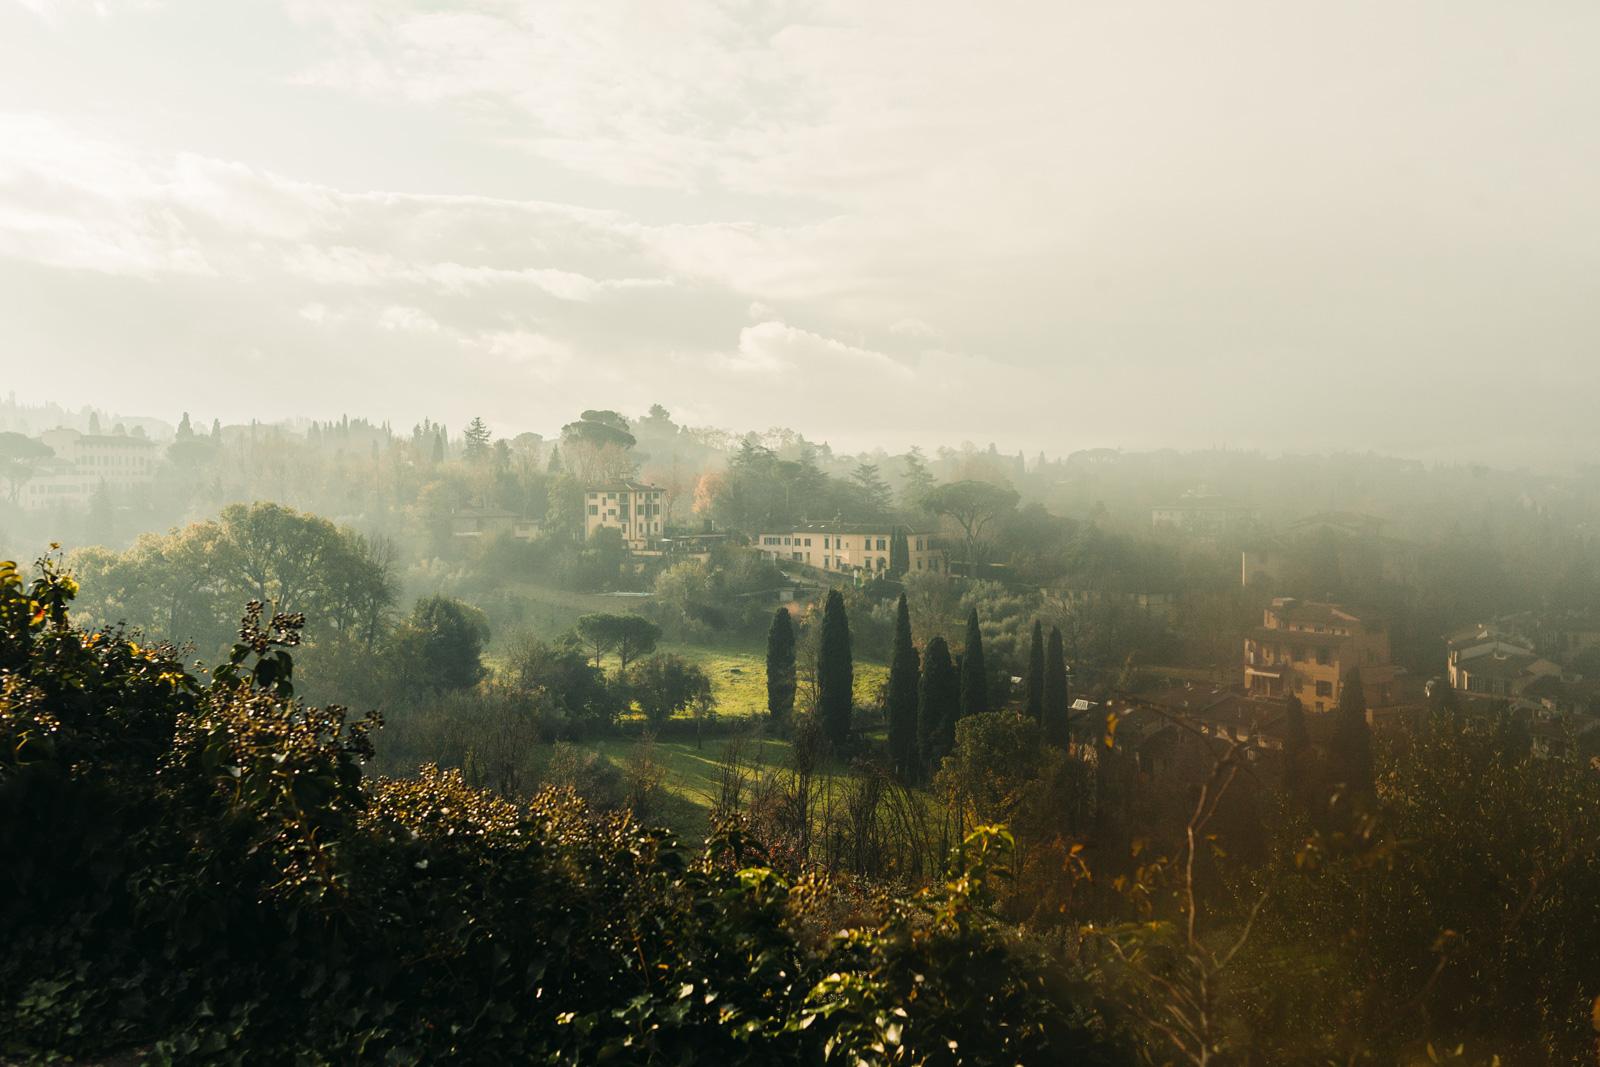 documental-viajes-paisaje-toscana-florencia-amanecer